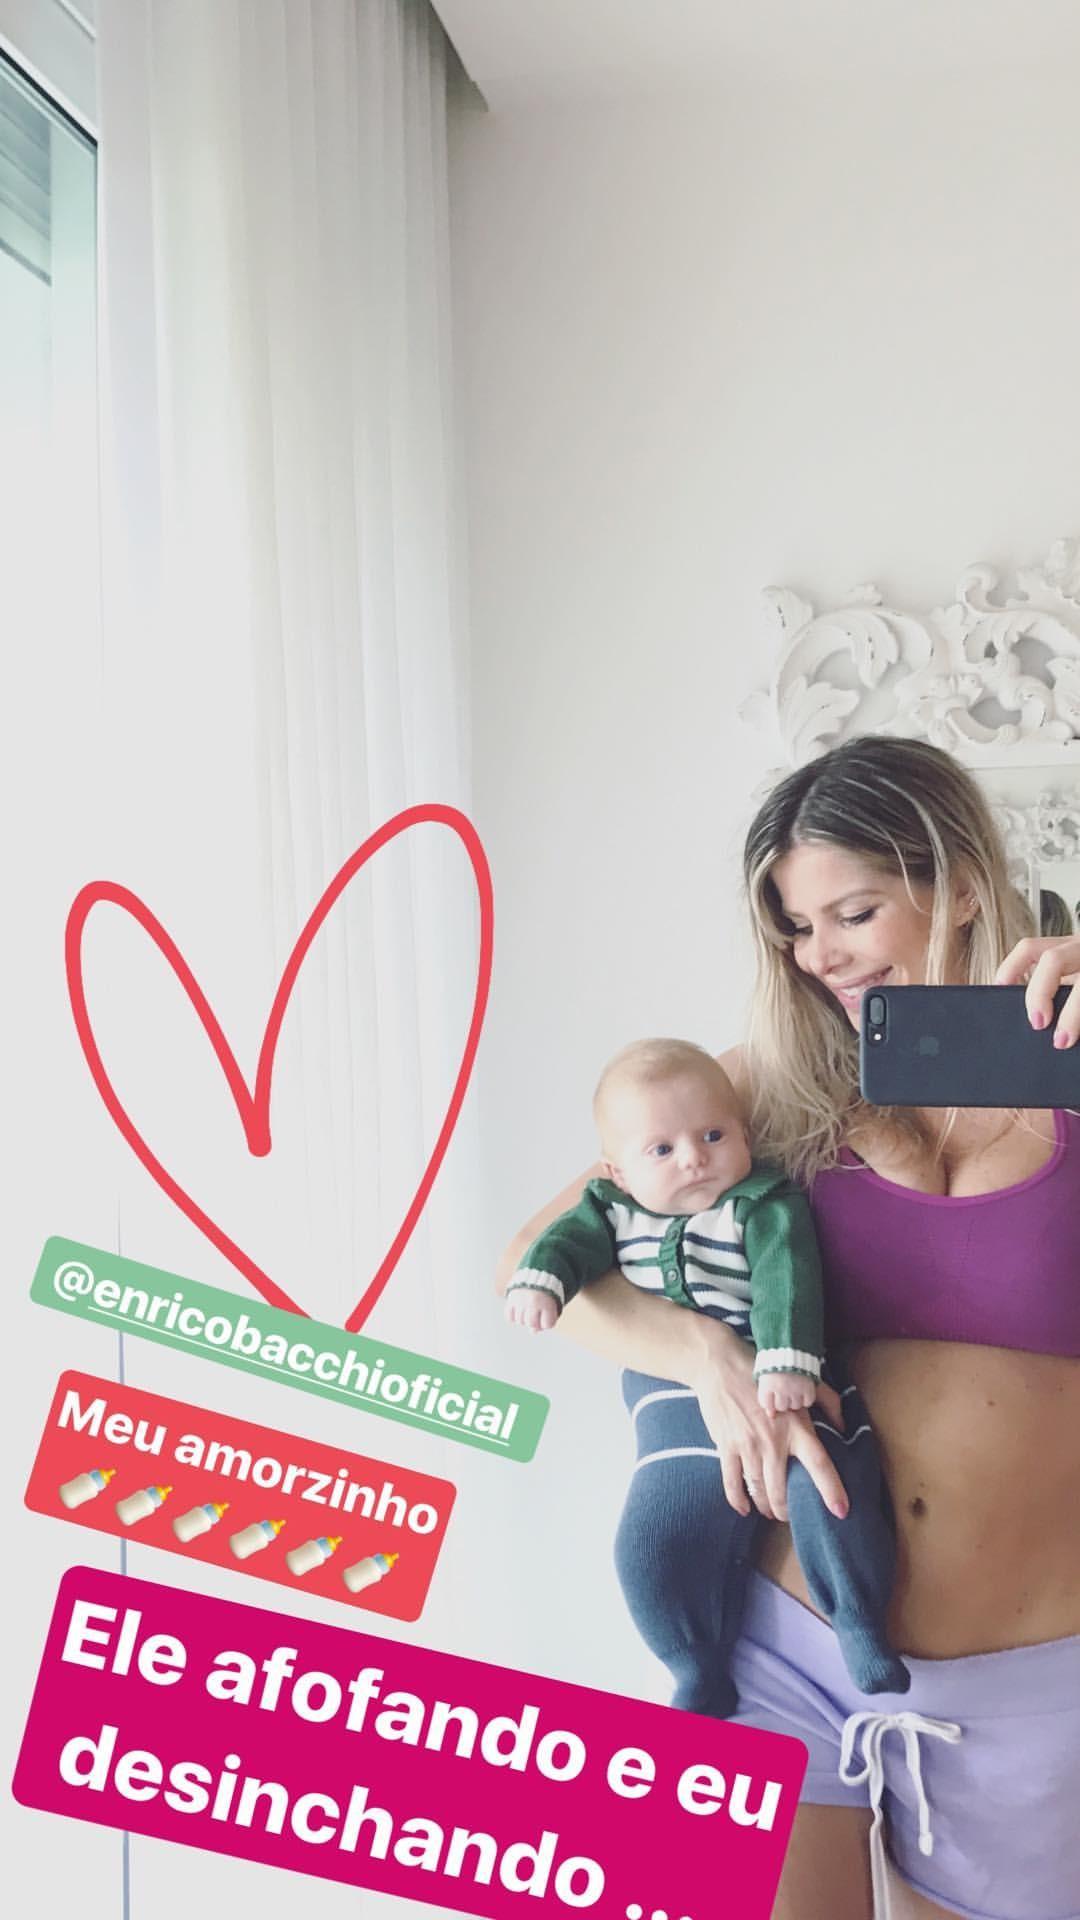 Karina Bacchi e Enrico (Foto: Reprodução/Instagram)